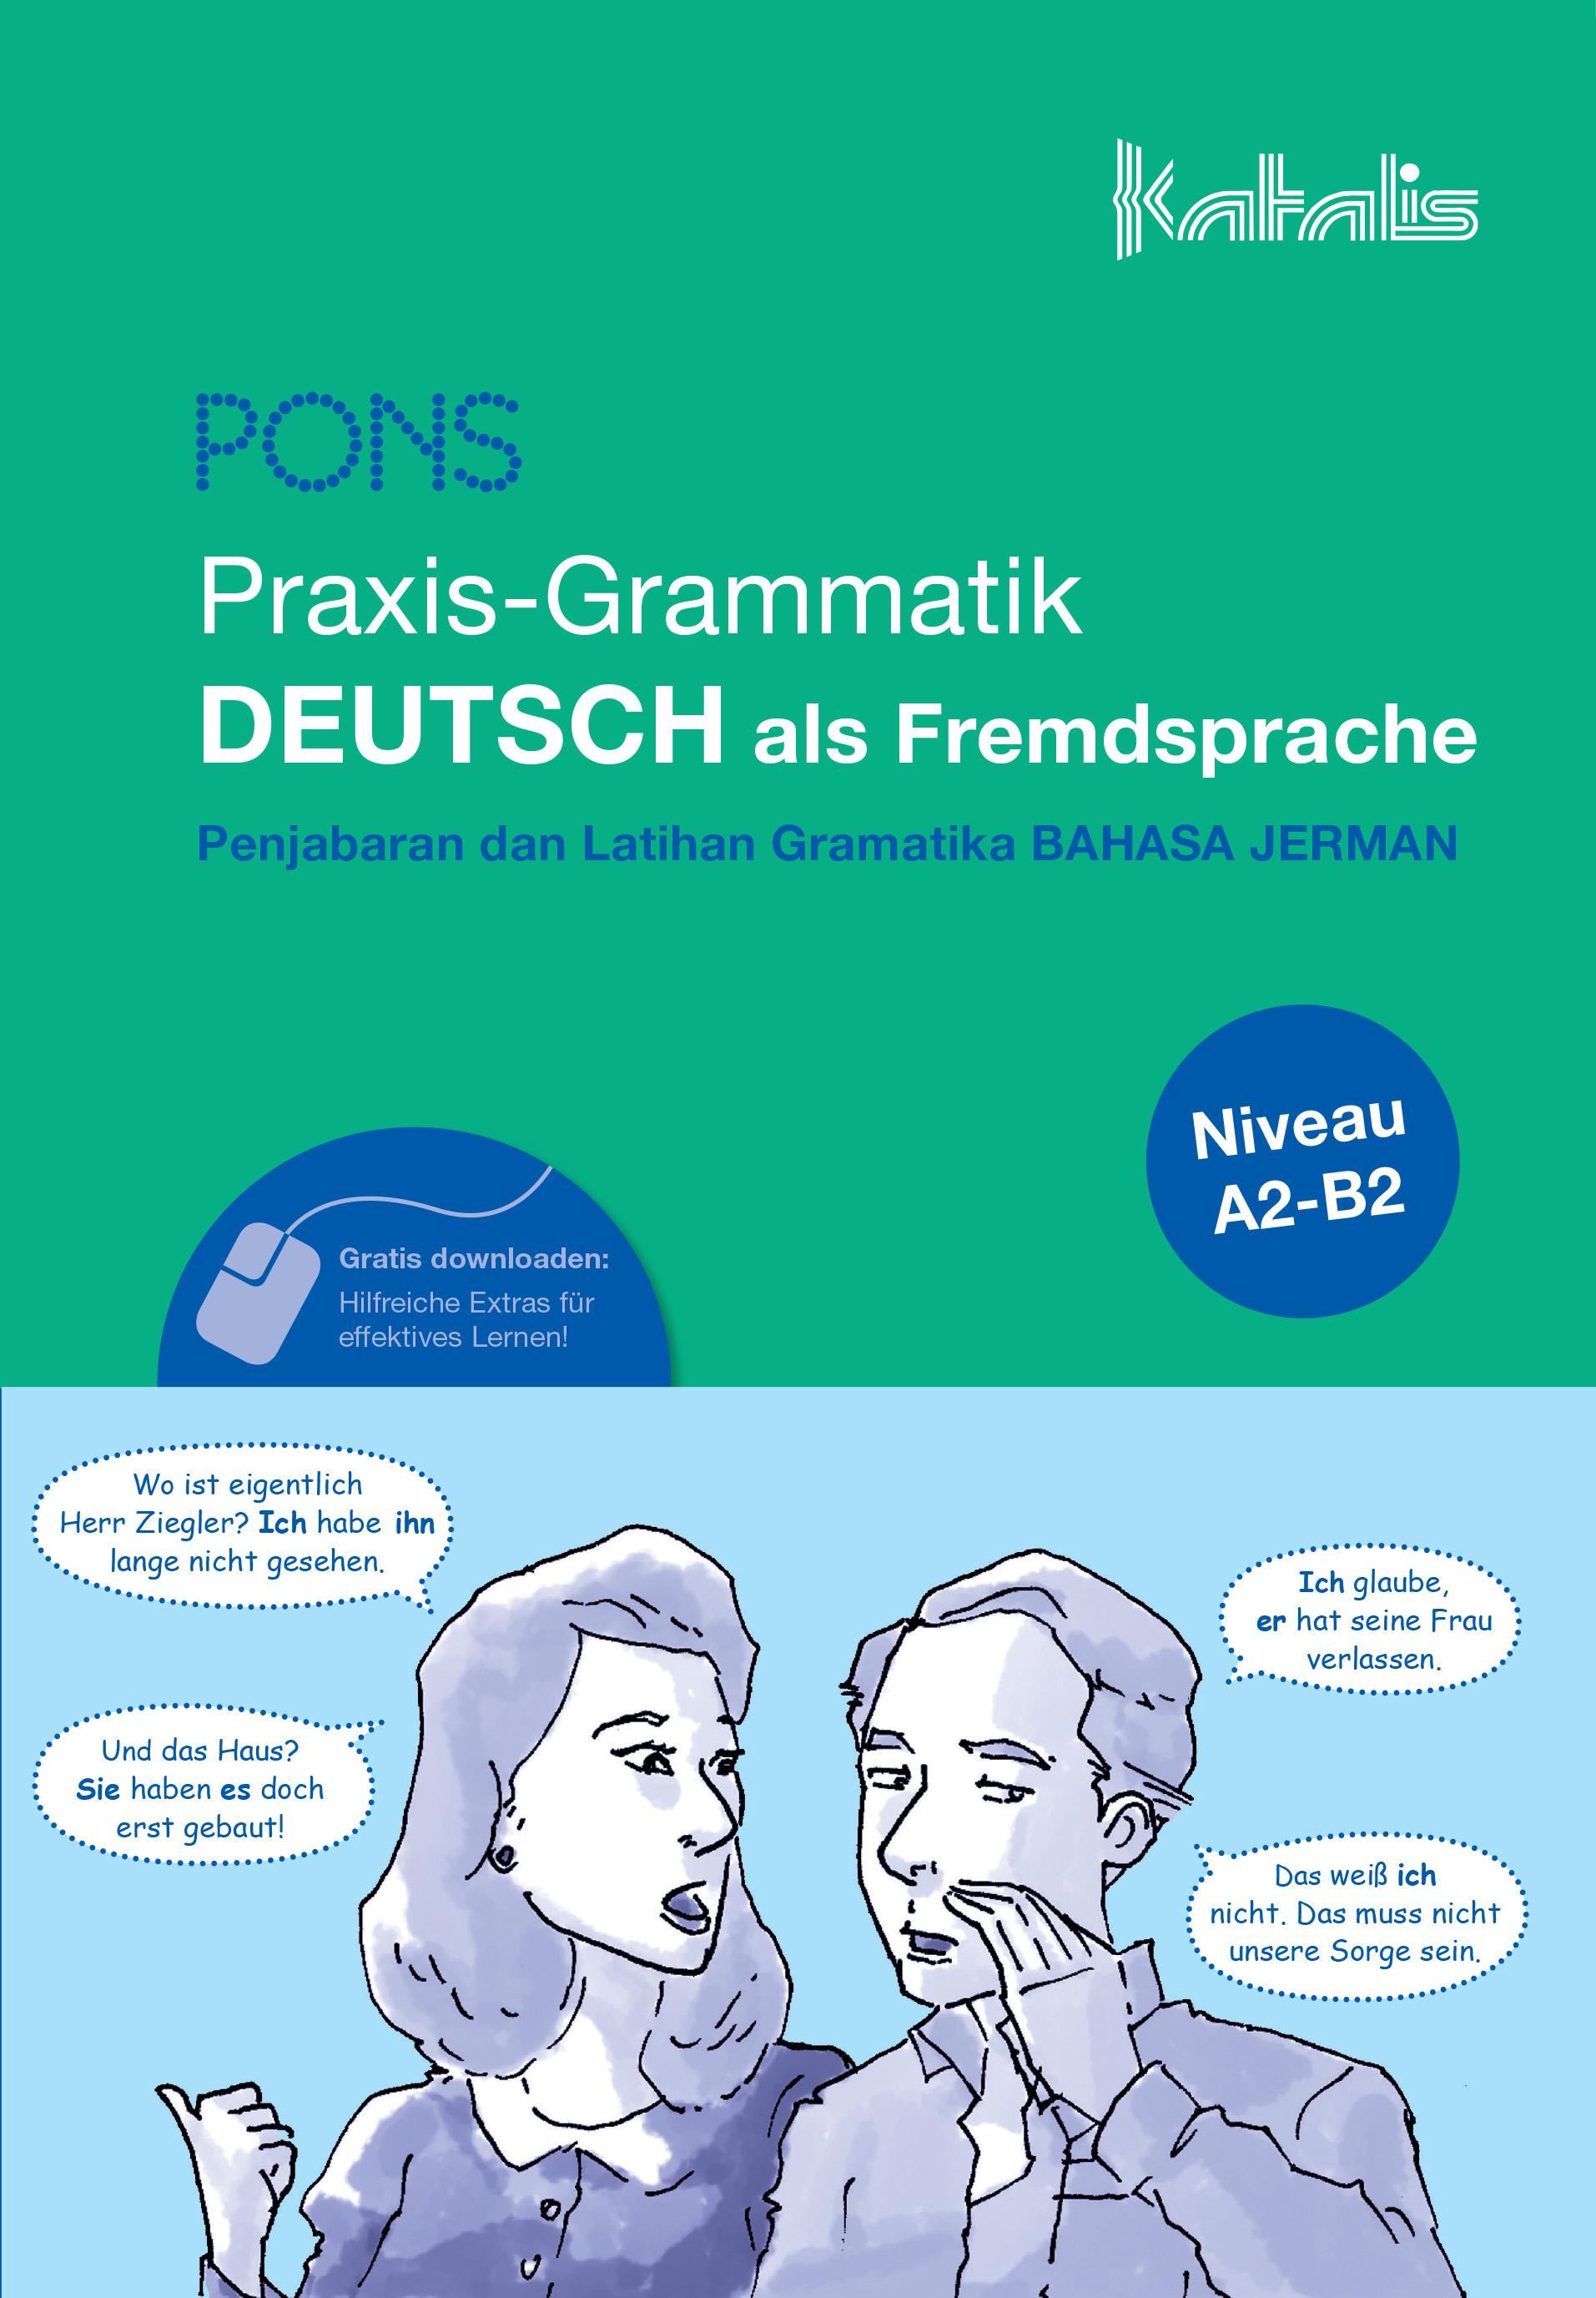 Praxis-Grammatik DEUTSCH als Fremdsprache